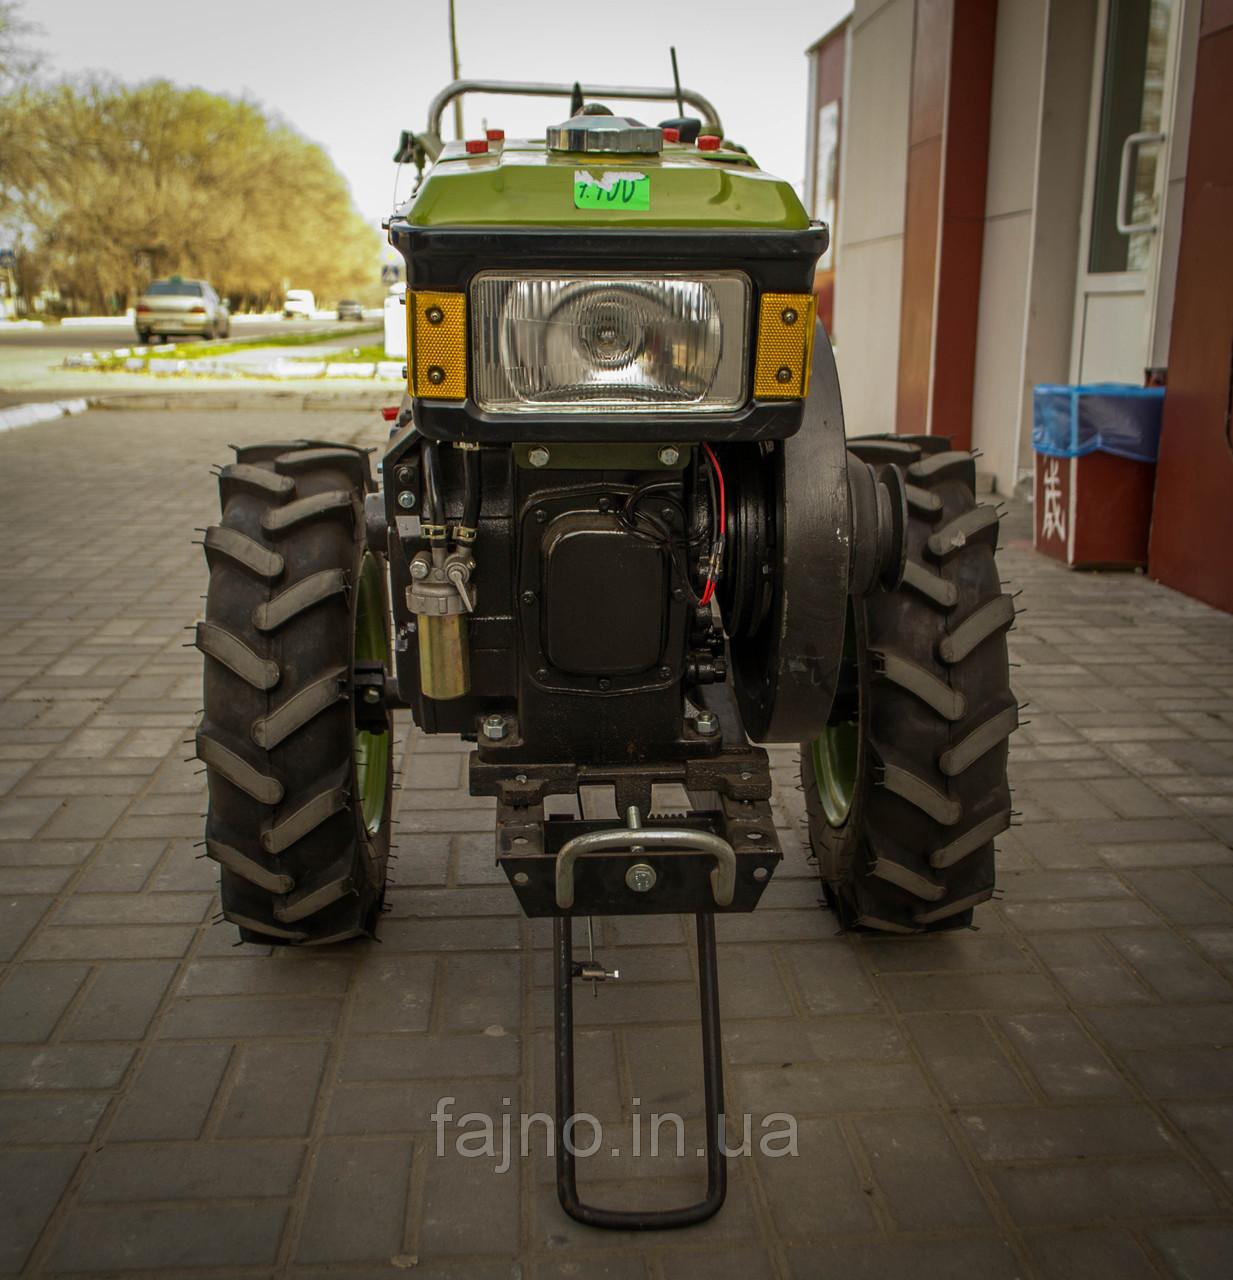 Дизельный мотоблок Кентавр МБ 1012ДЕ